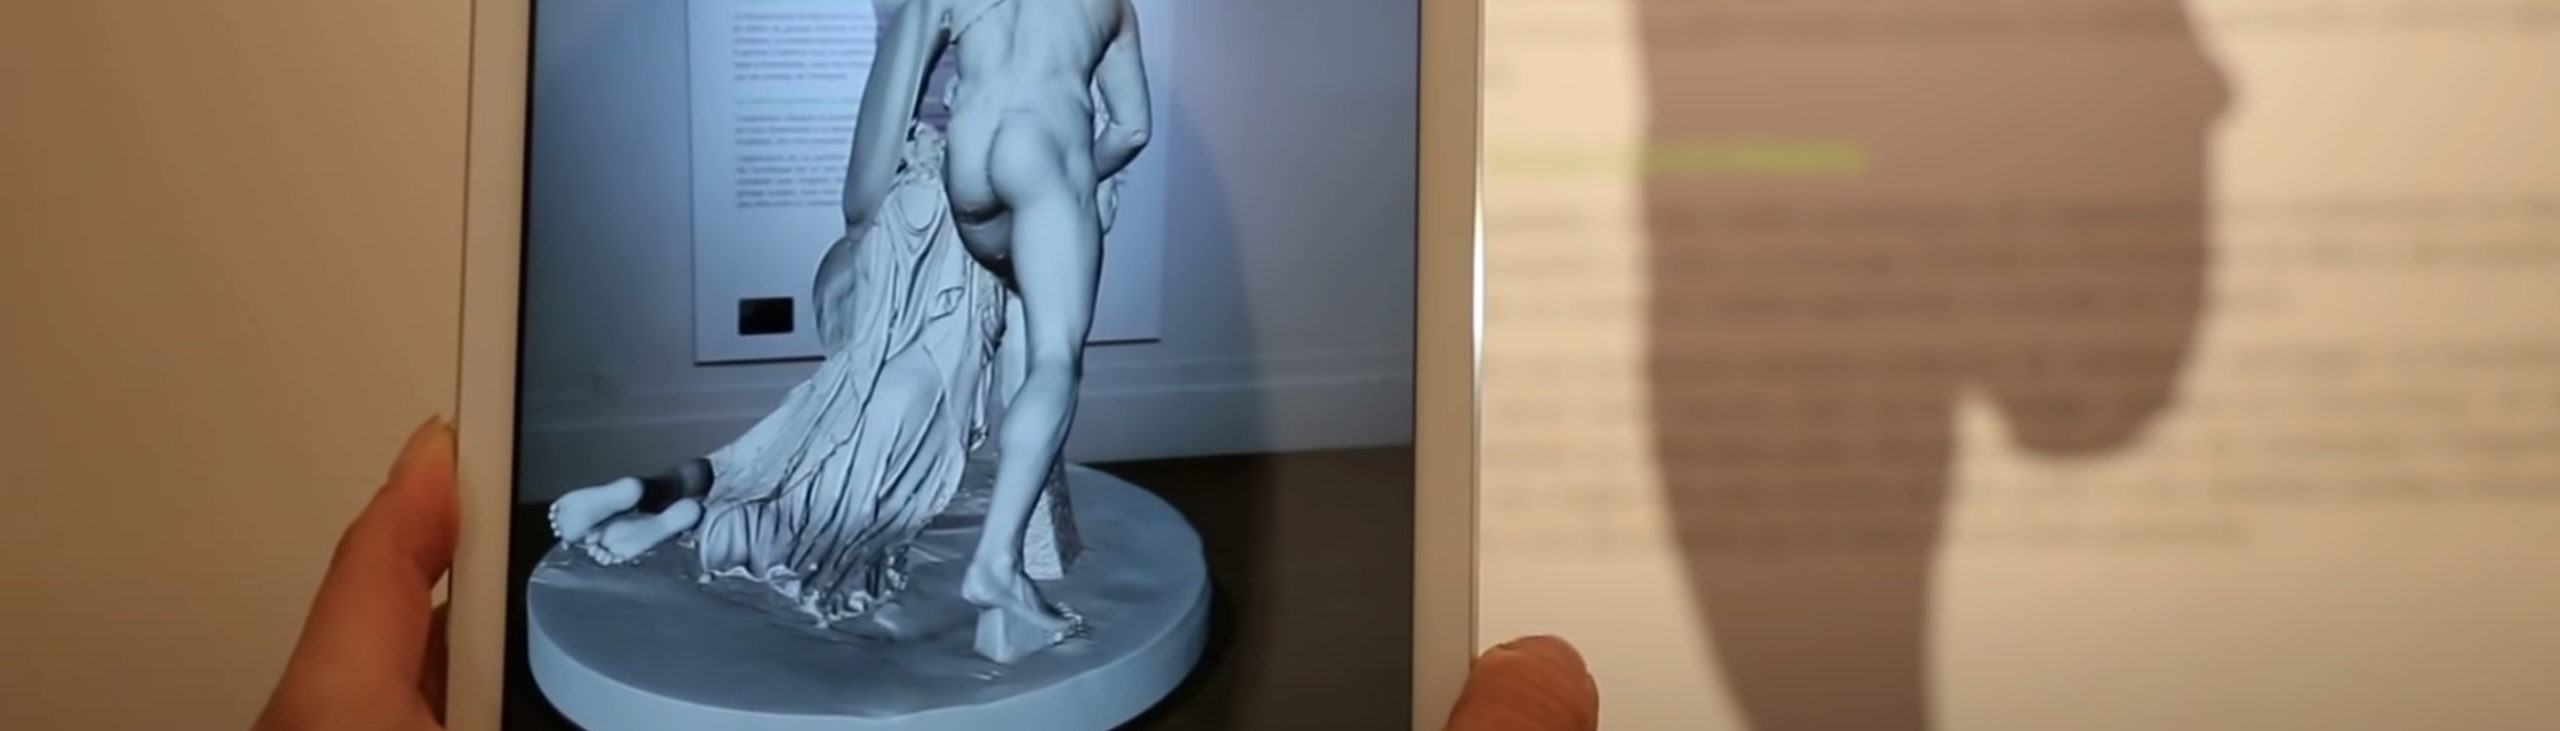 Realidad aumentada en los museos | 11